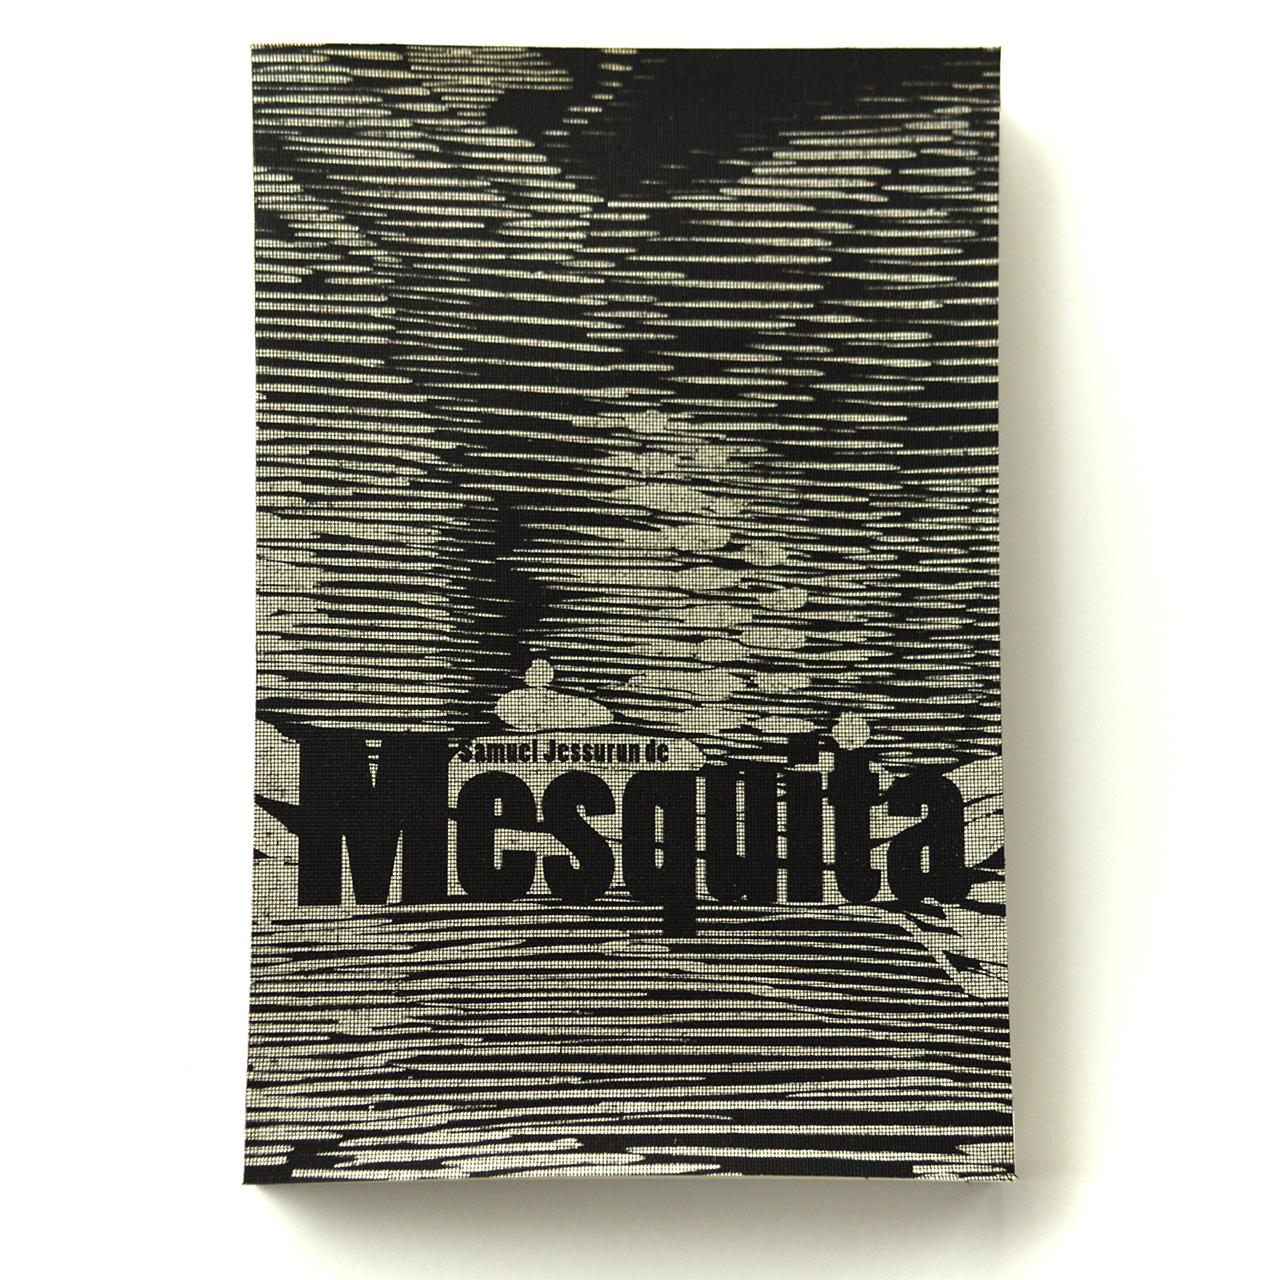 メスキータ展 図録